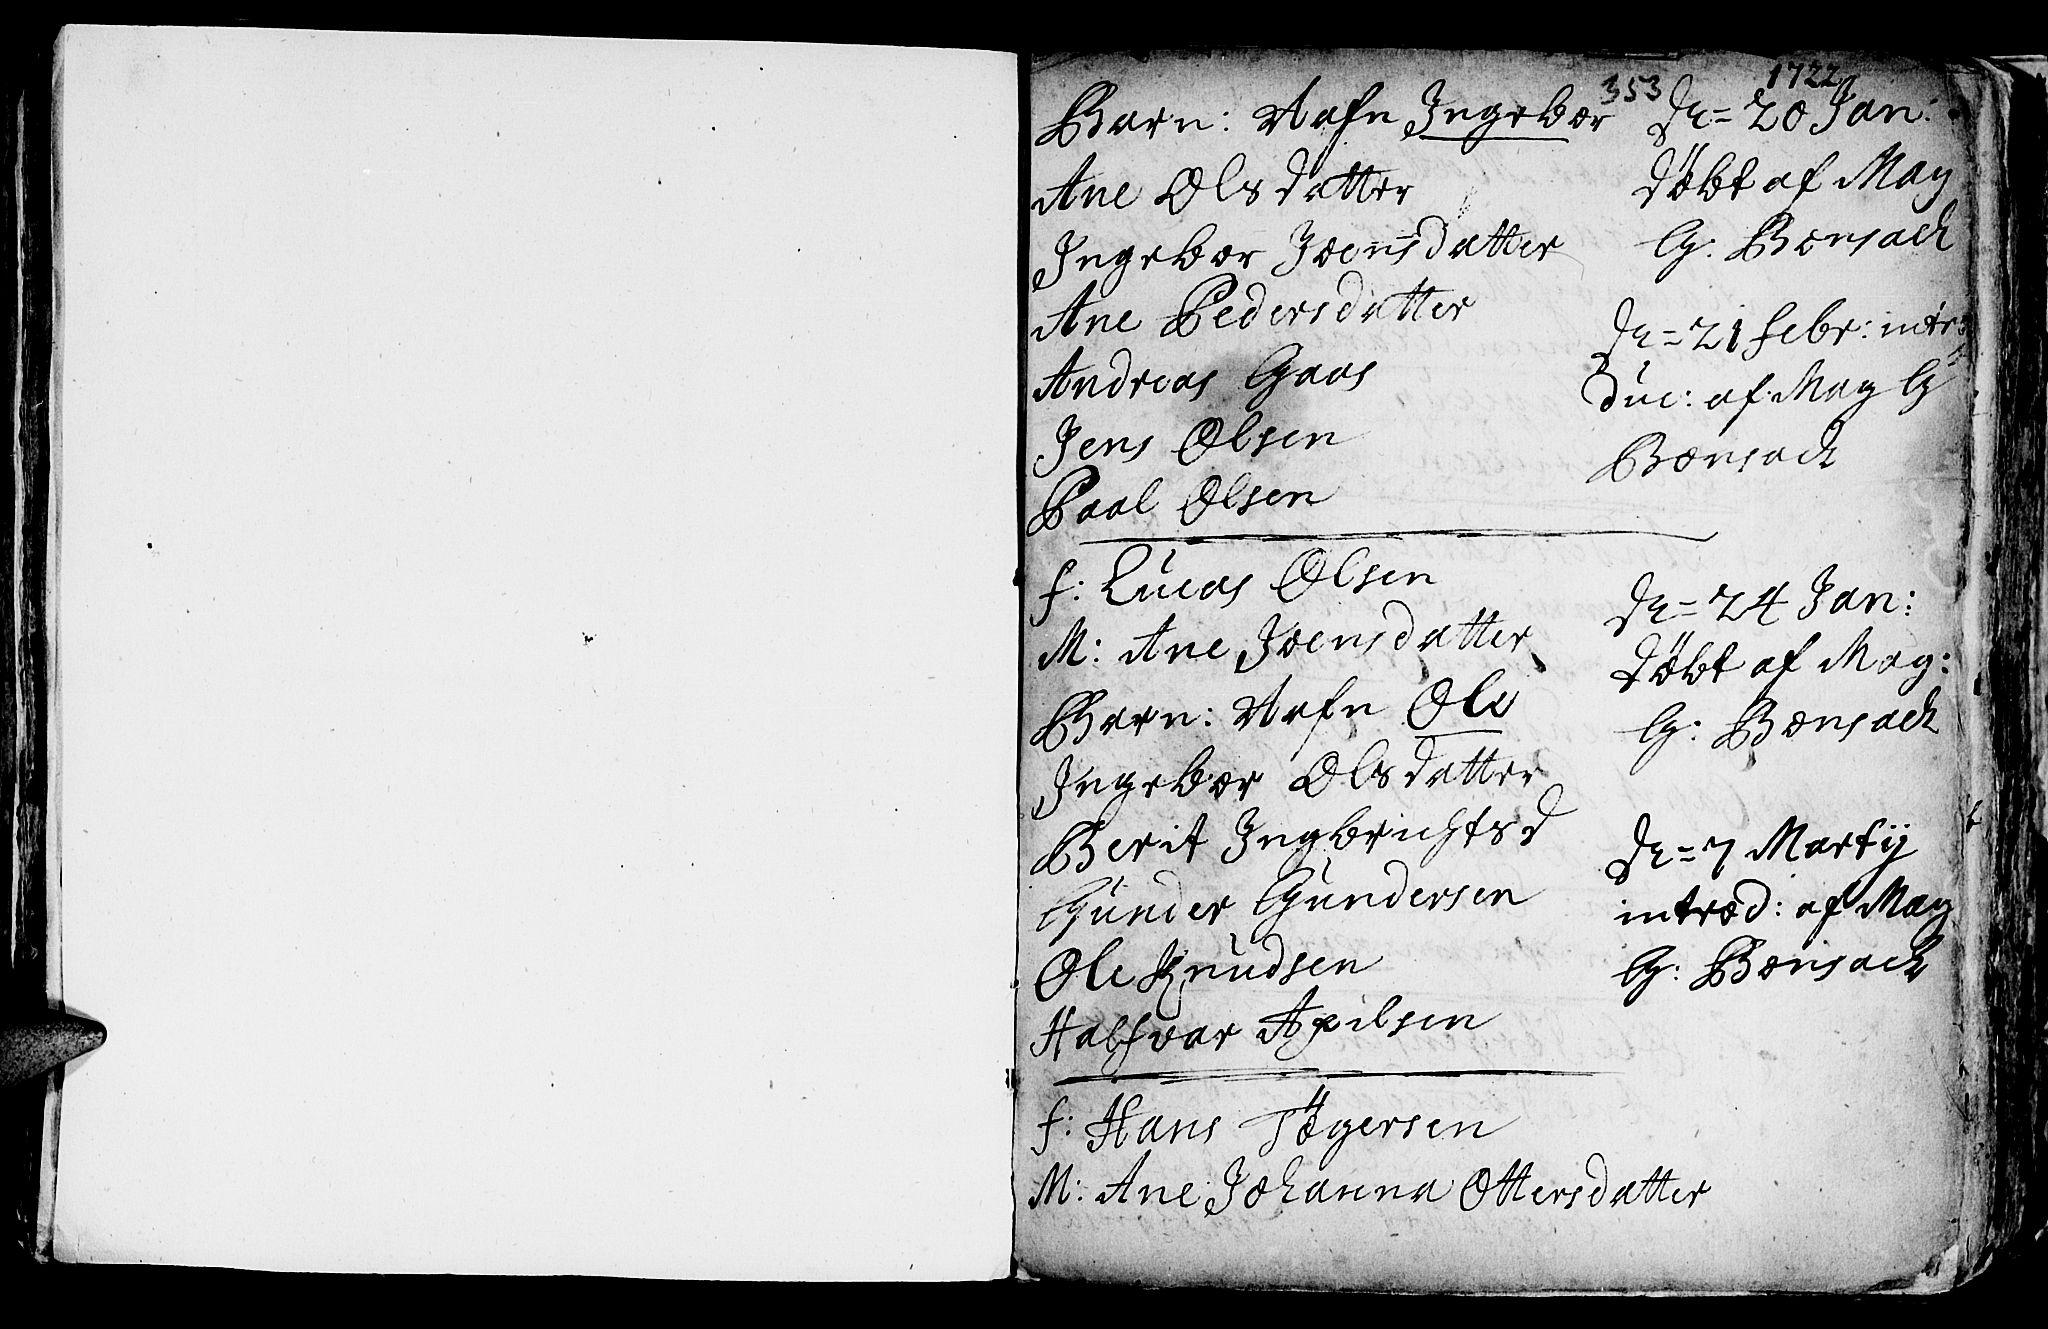 SAT, Ministerialprotokoller, klokkerbøker og fødselsregistre - Sør-Trøndelag, 601/L0035: Ministerialbok nr. 601A03, 1713-1728, s. 353